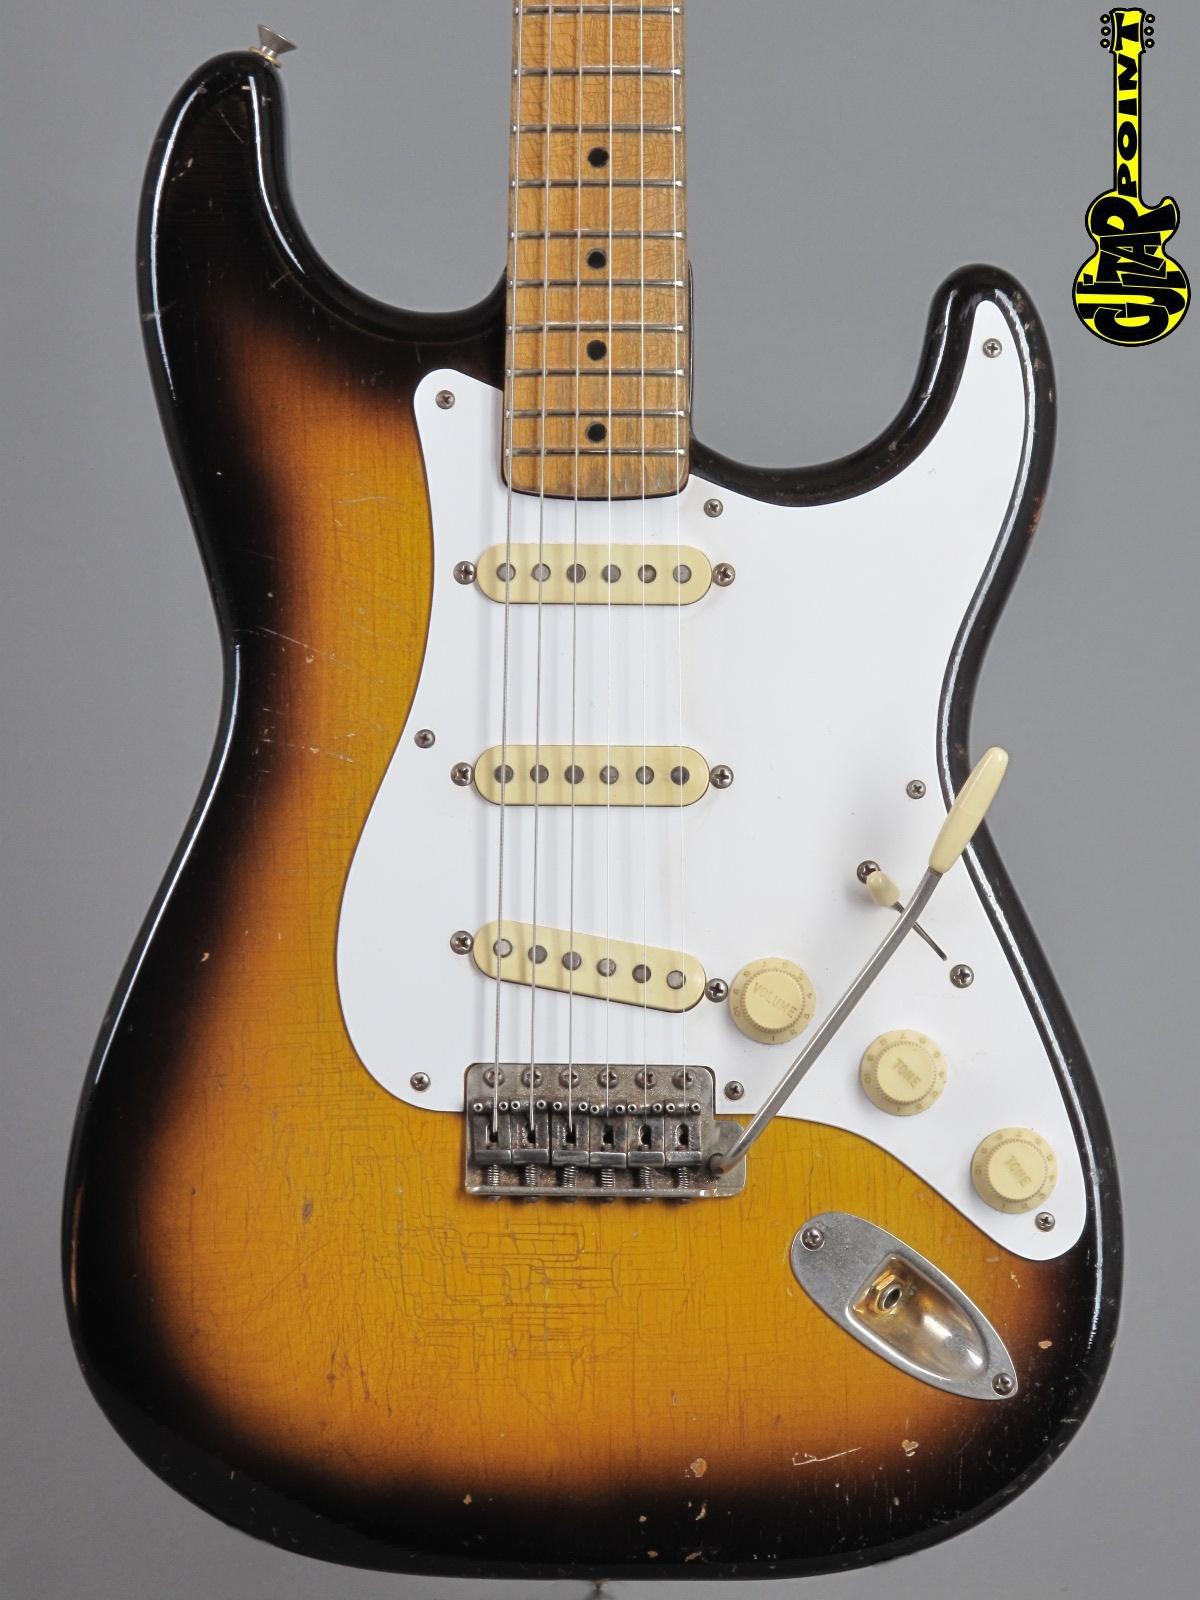 1957 Fender Stratocaster - 2-tone Sunburst / gold hardware